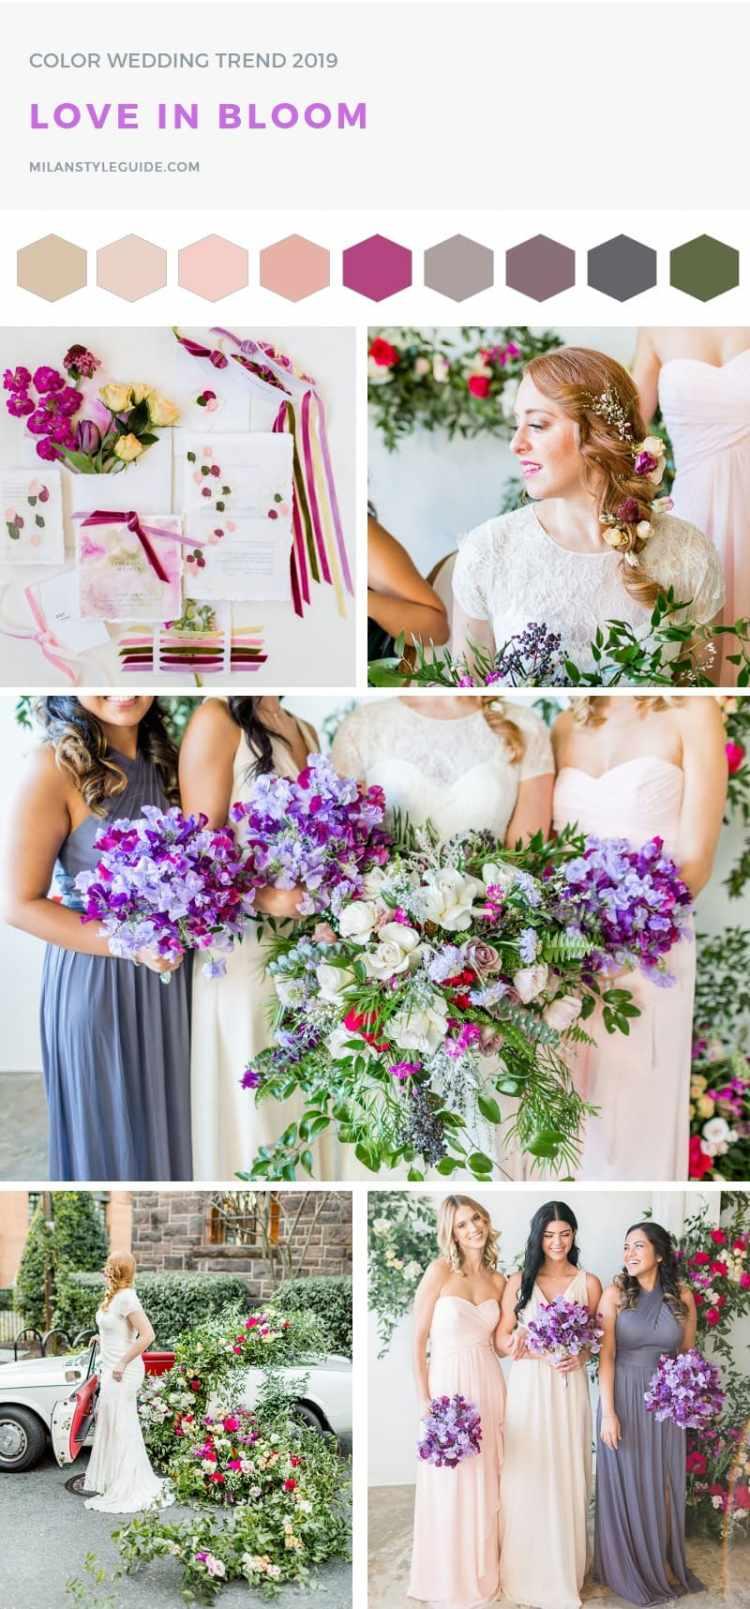 модная свадебная палитра пантон 2019